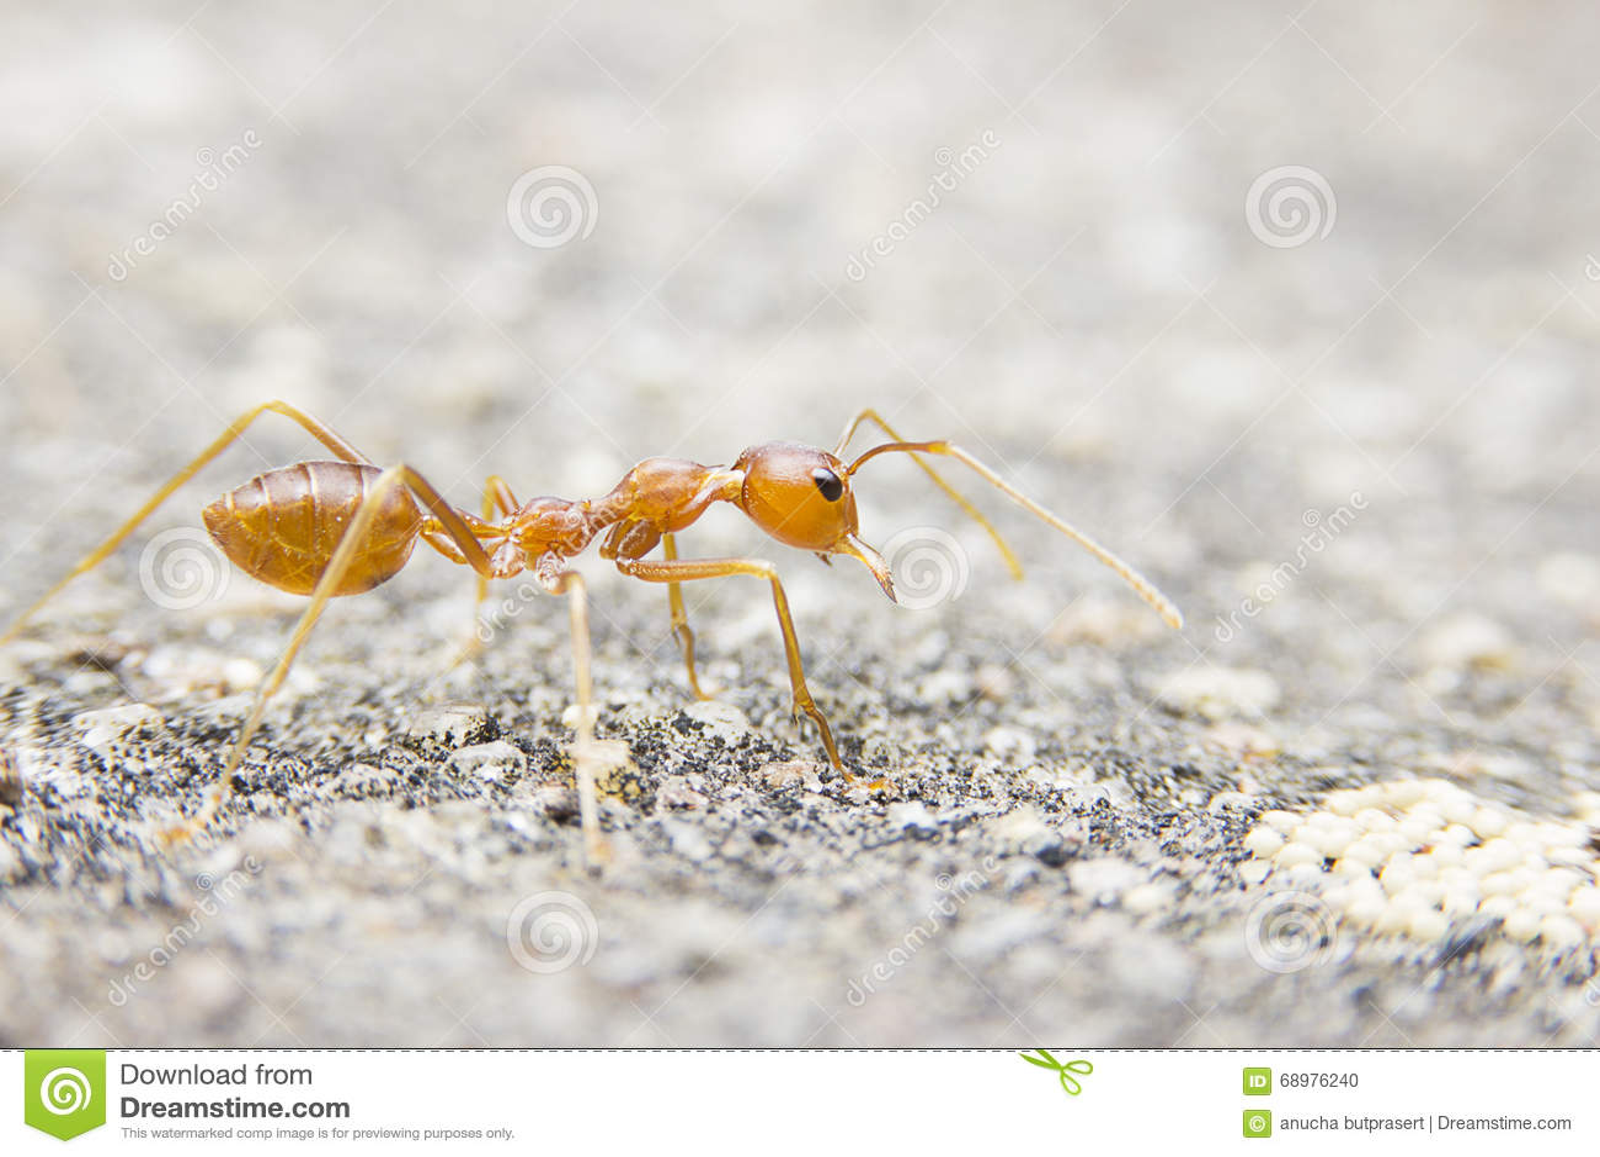 Makro rote Ameise der Nahaufnahme auf Steinhintergrund